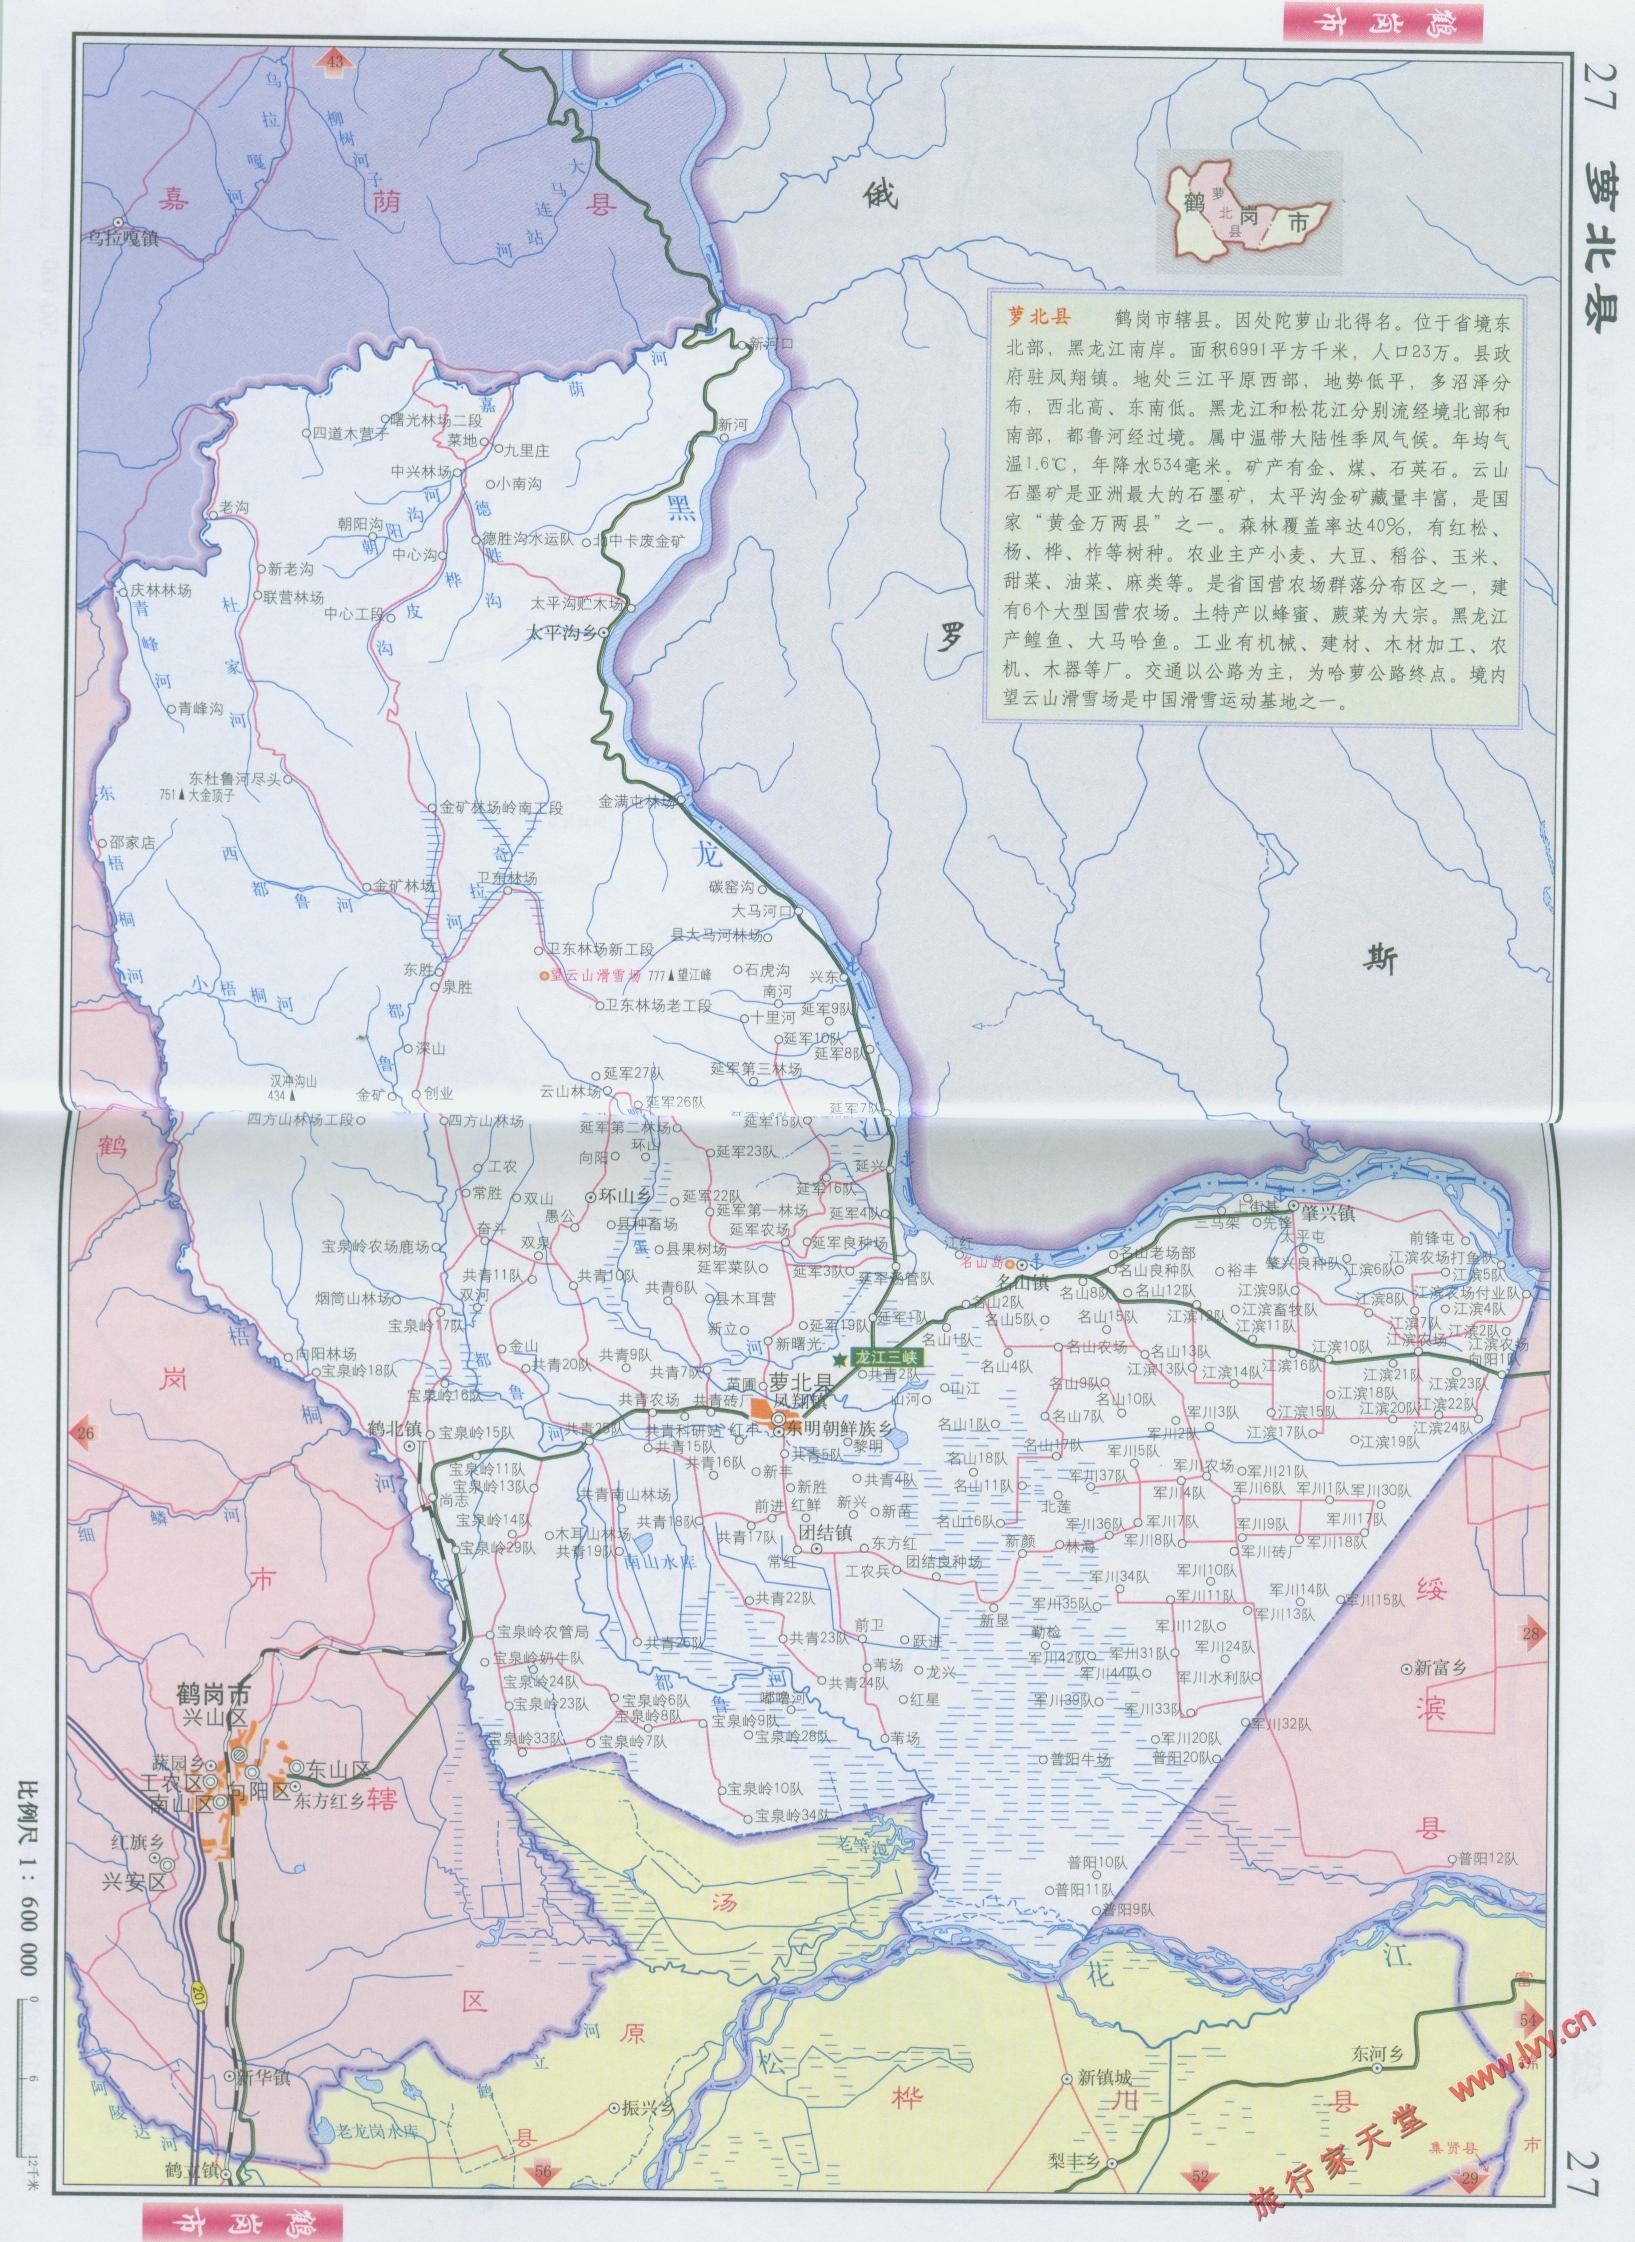 萝北县地图 鹤岗市地图查询 -萝北县地图